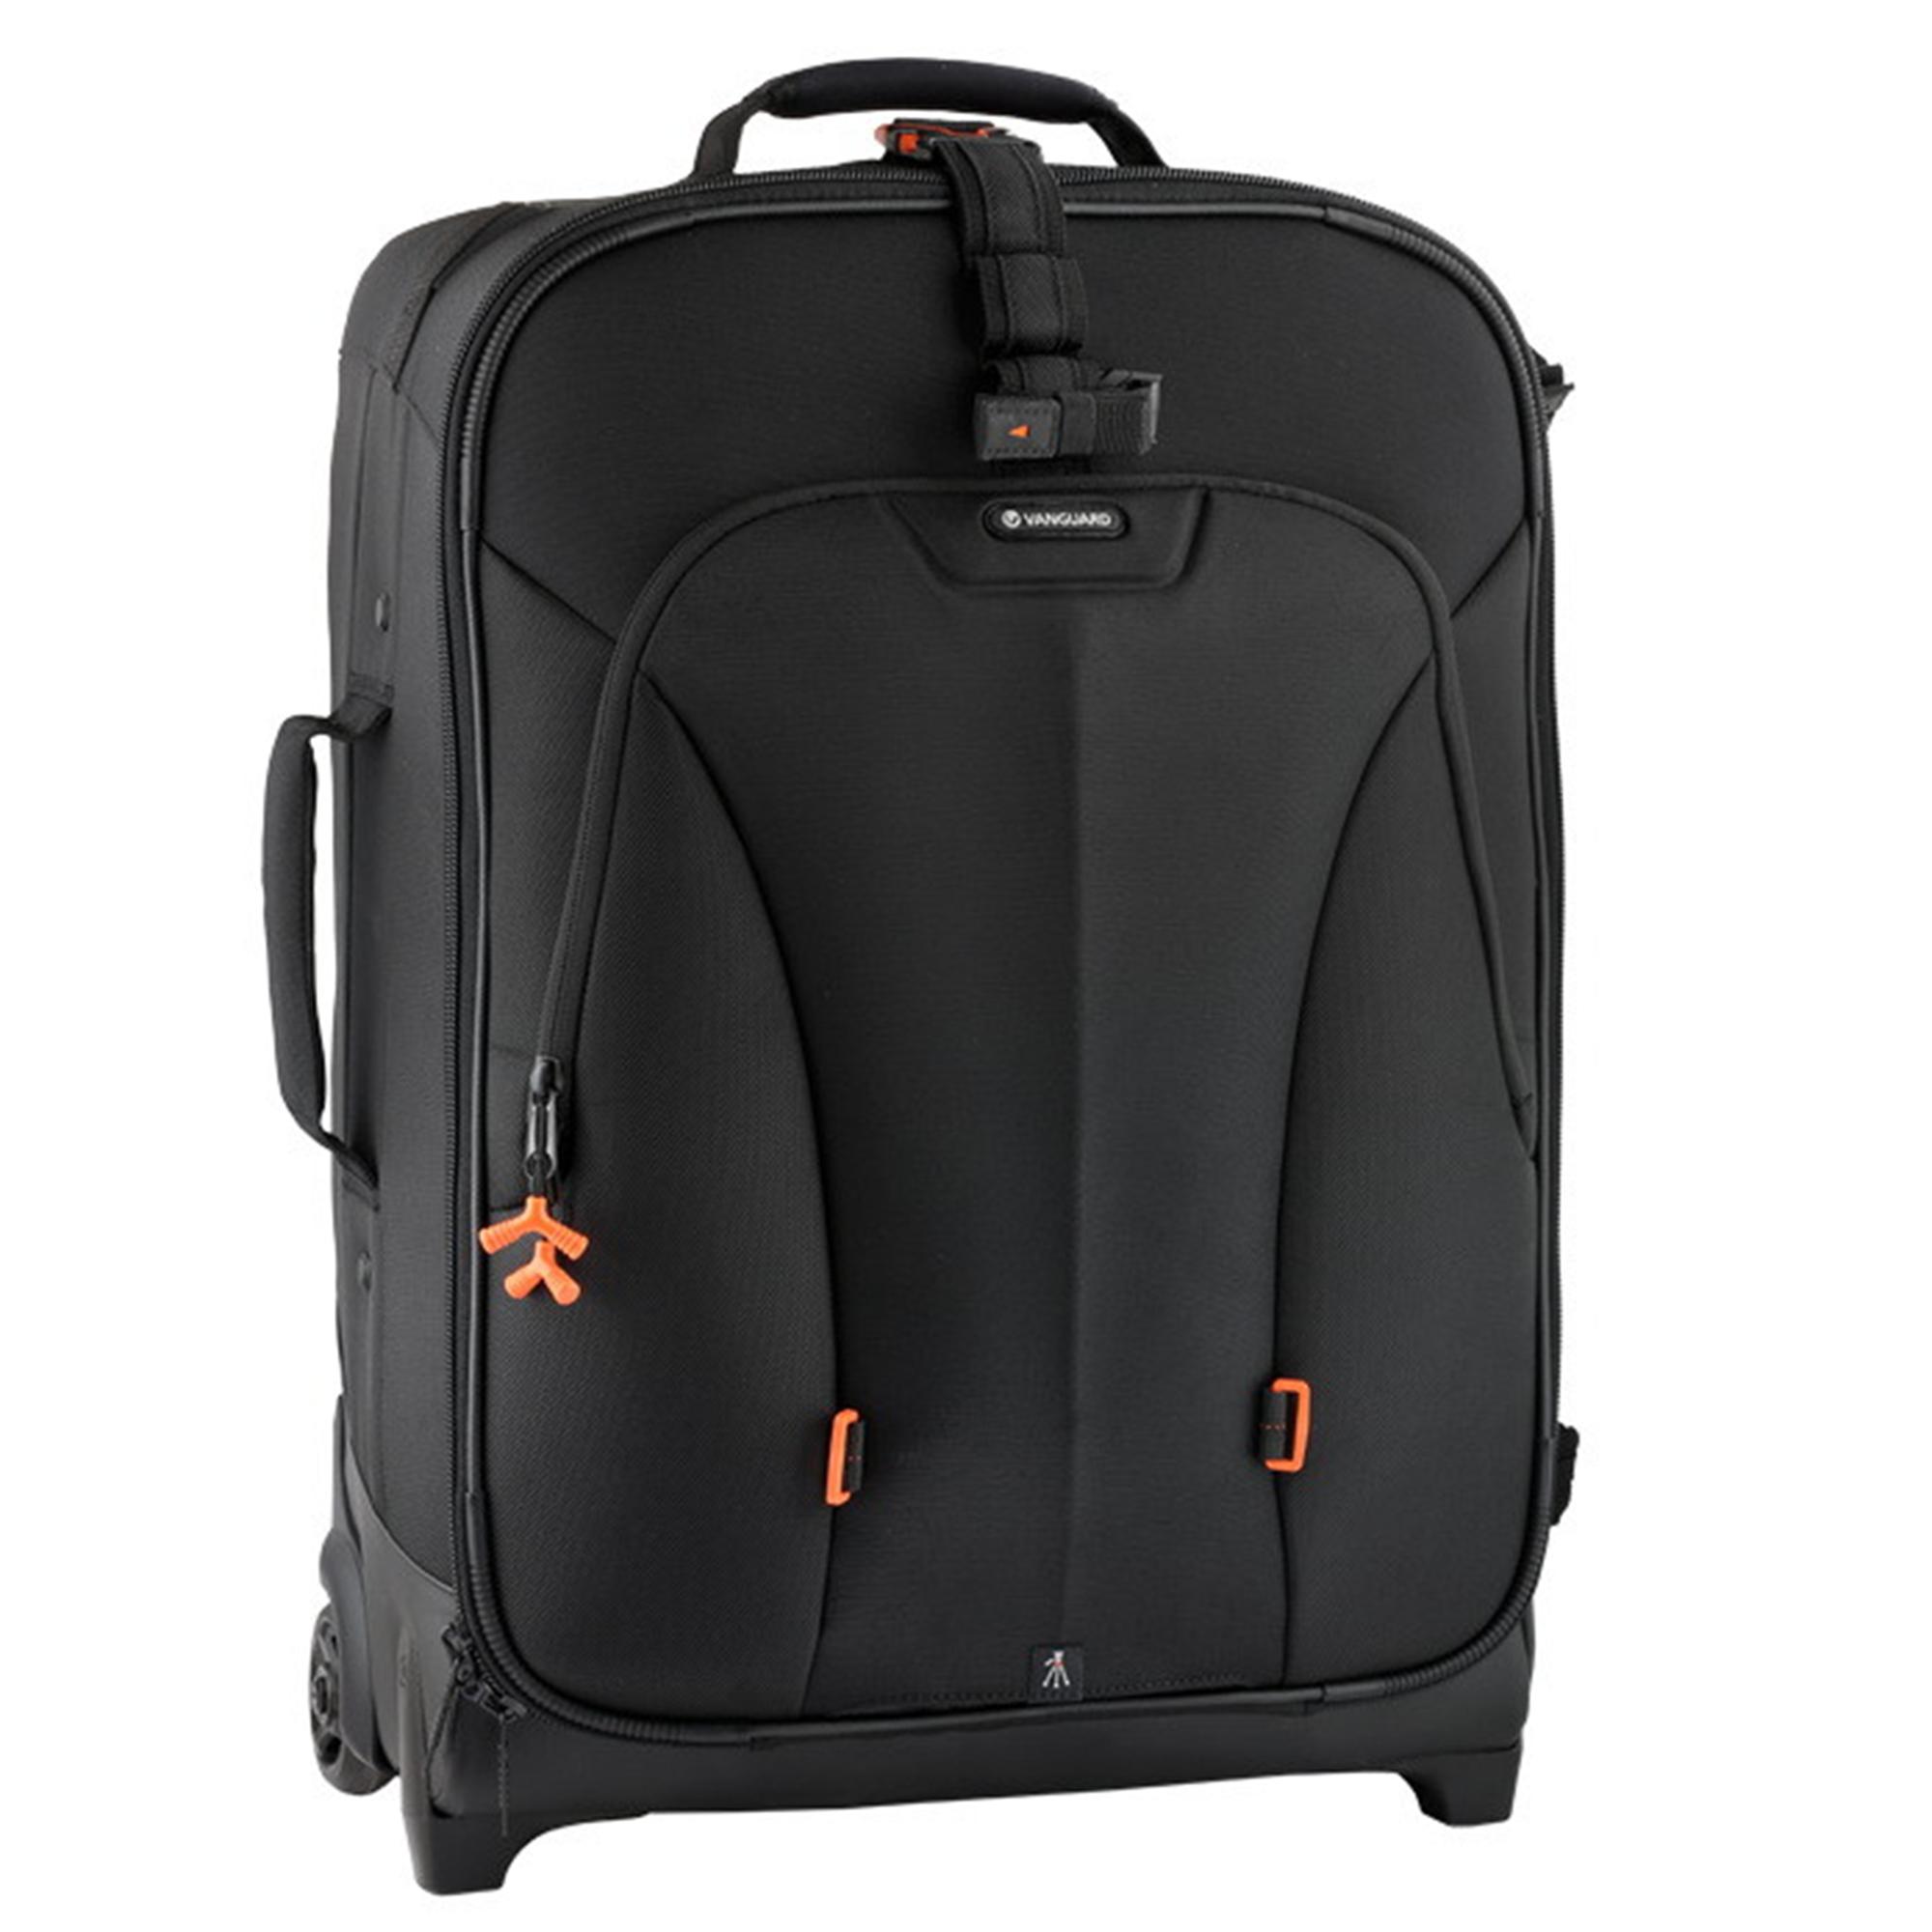 Vanguard XCENIOR 62T Bag